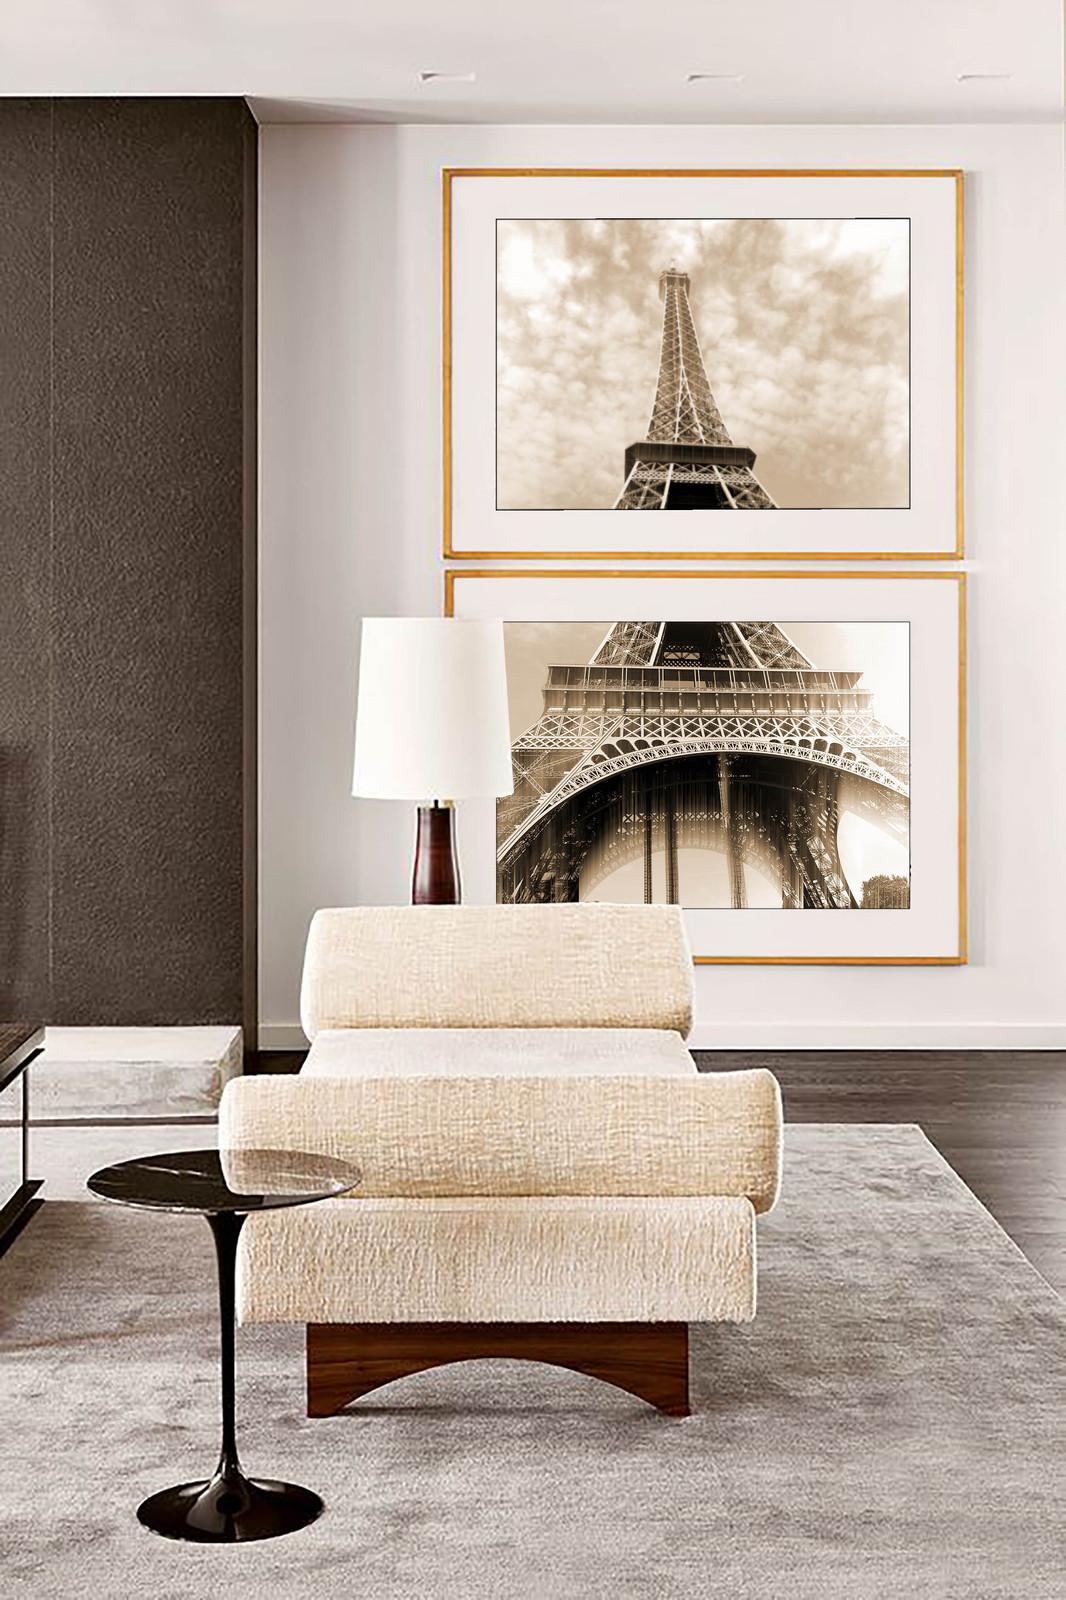 Design by  Shamir Shah Design  via   AD Espana